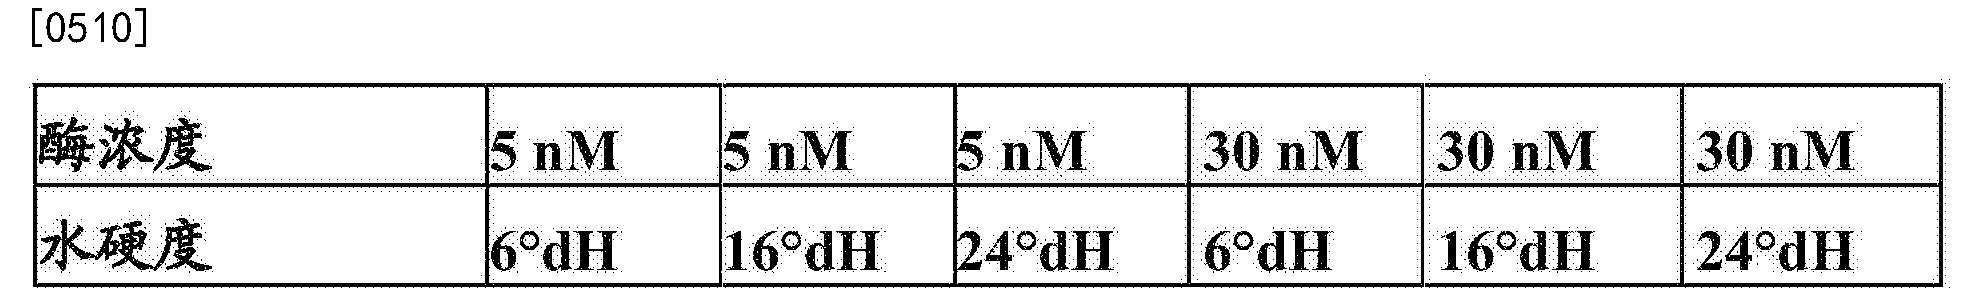 Figure CN104271726BD00584